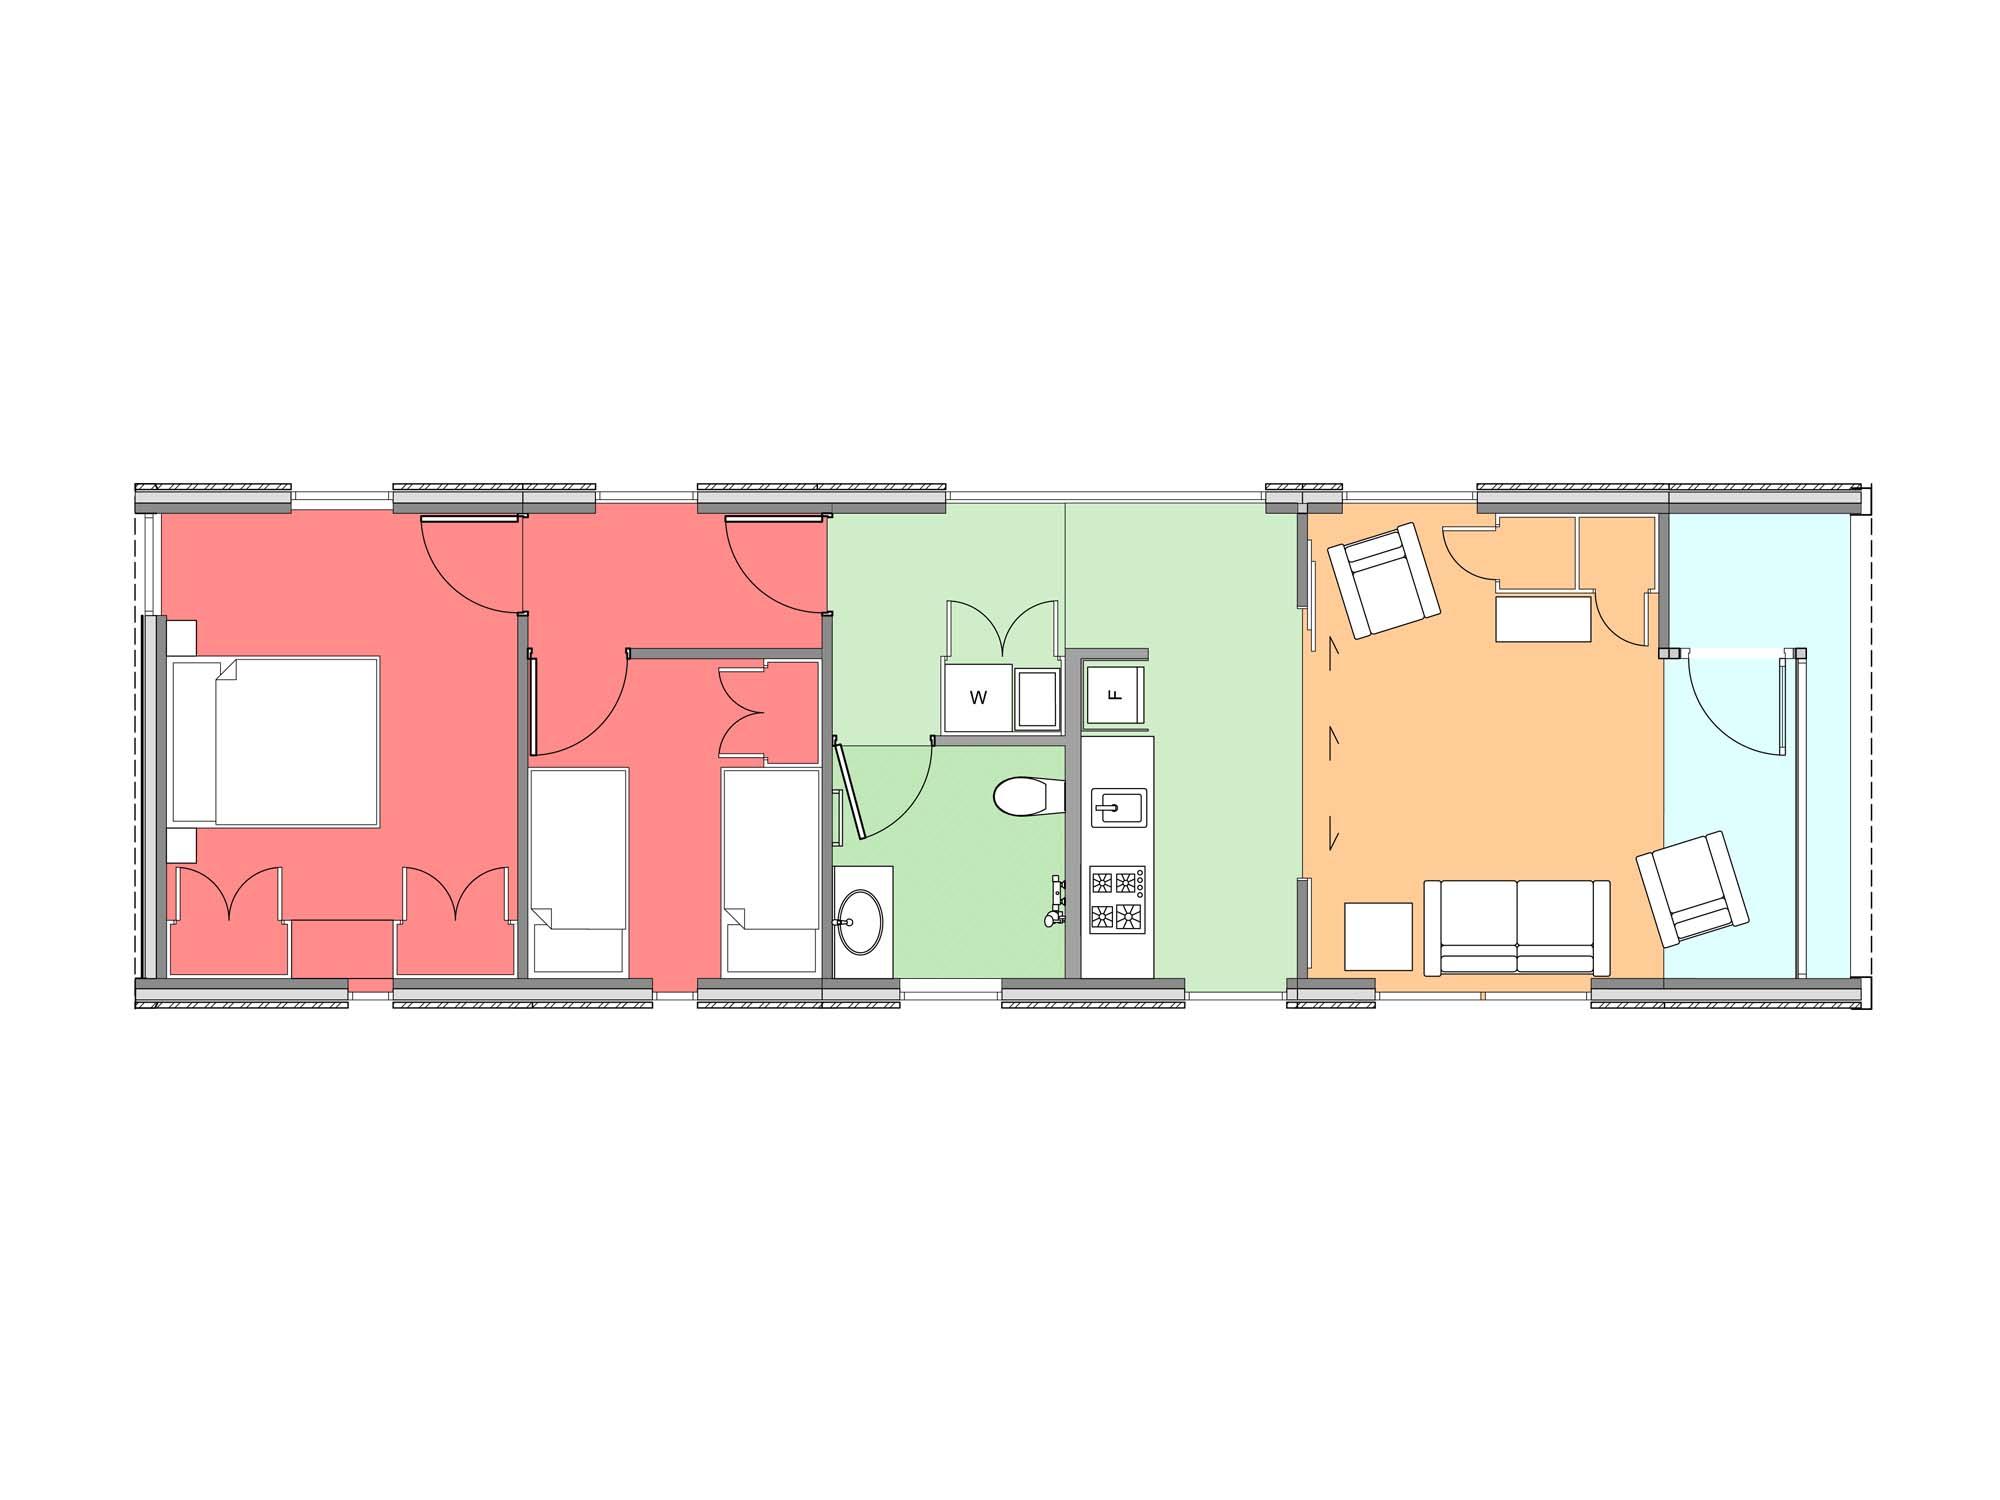 Plan of Te Whare-iti TWI 22